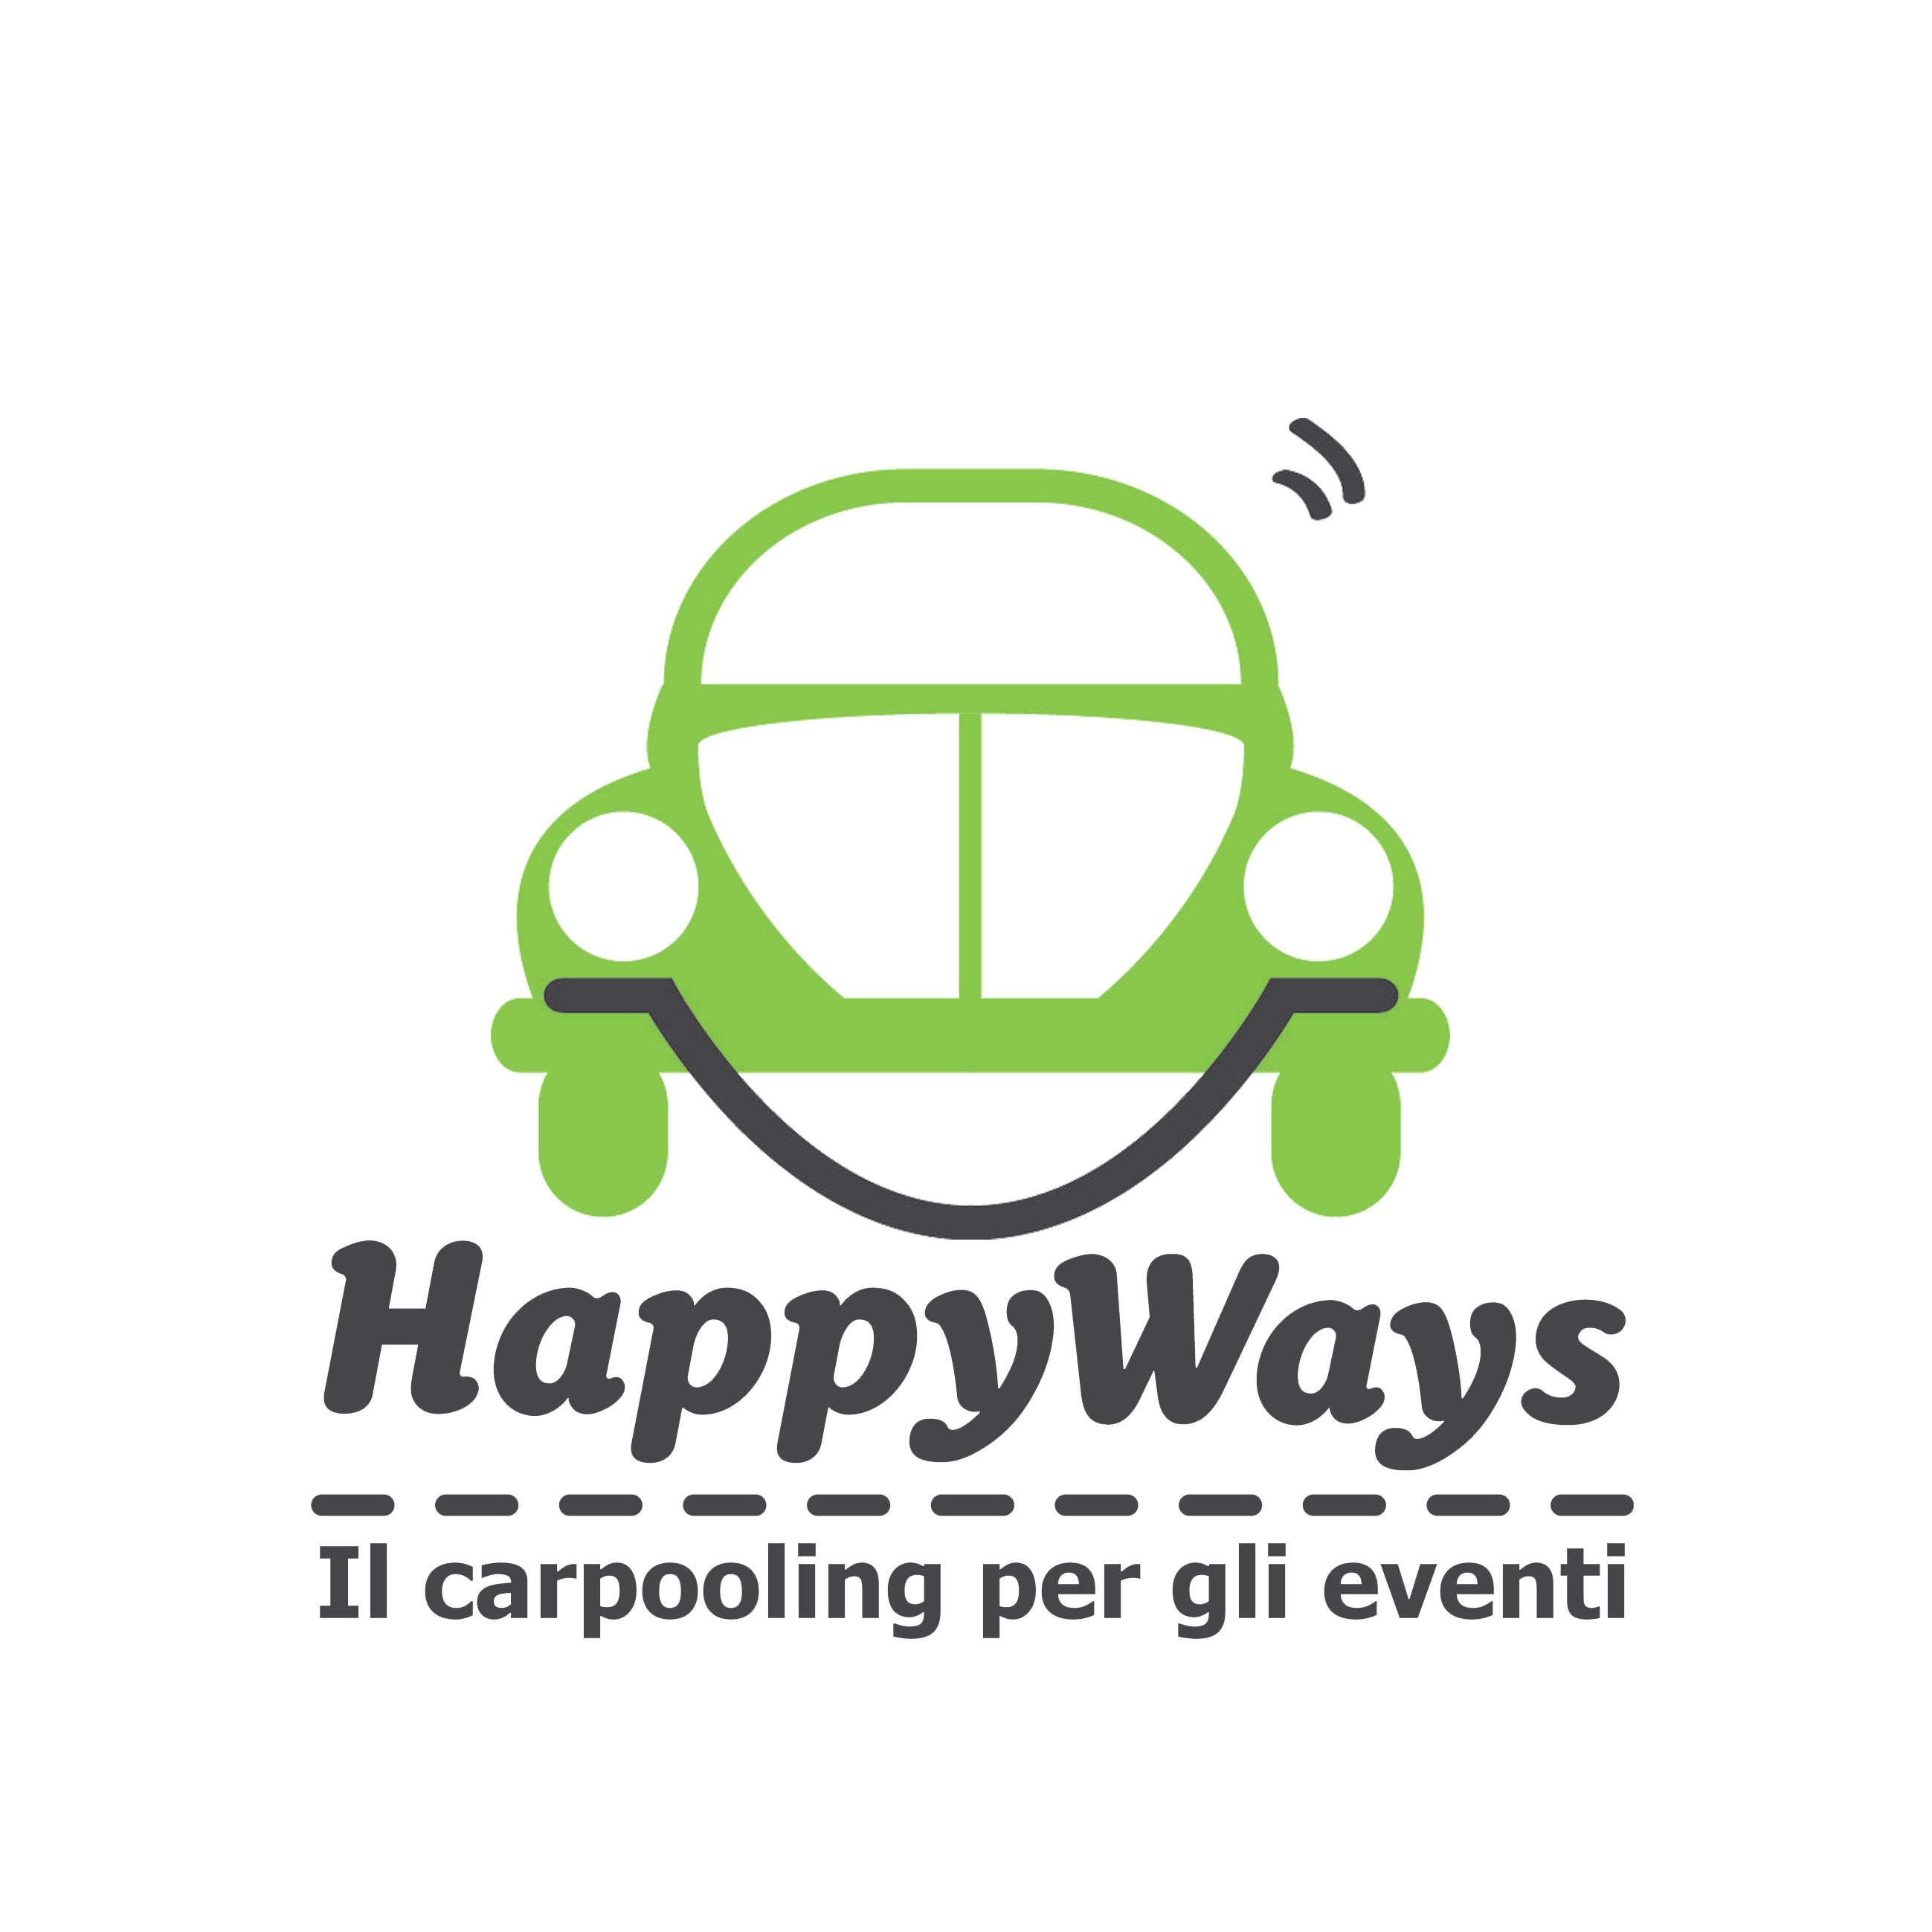 HAPPY WAYS